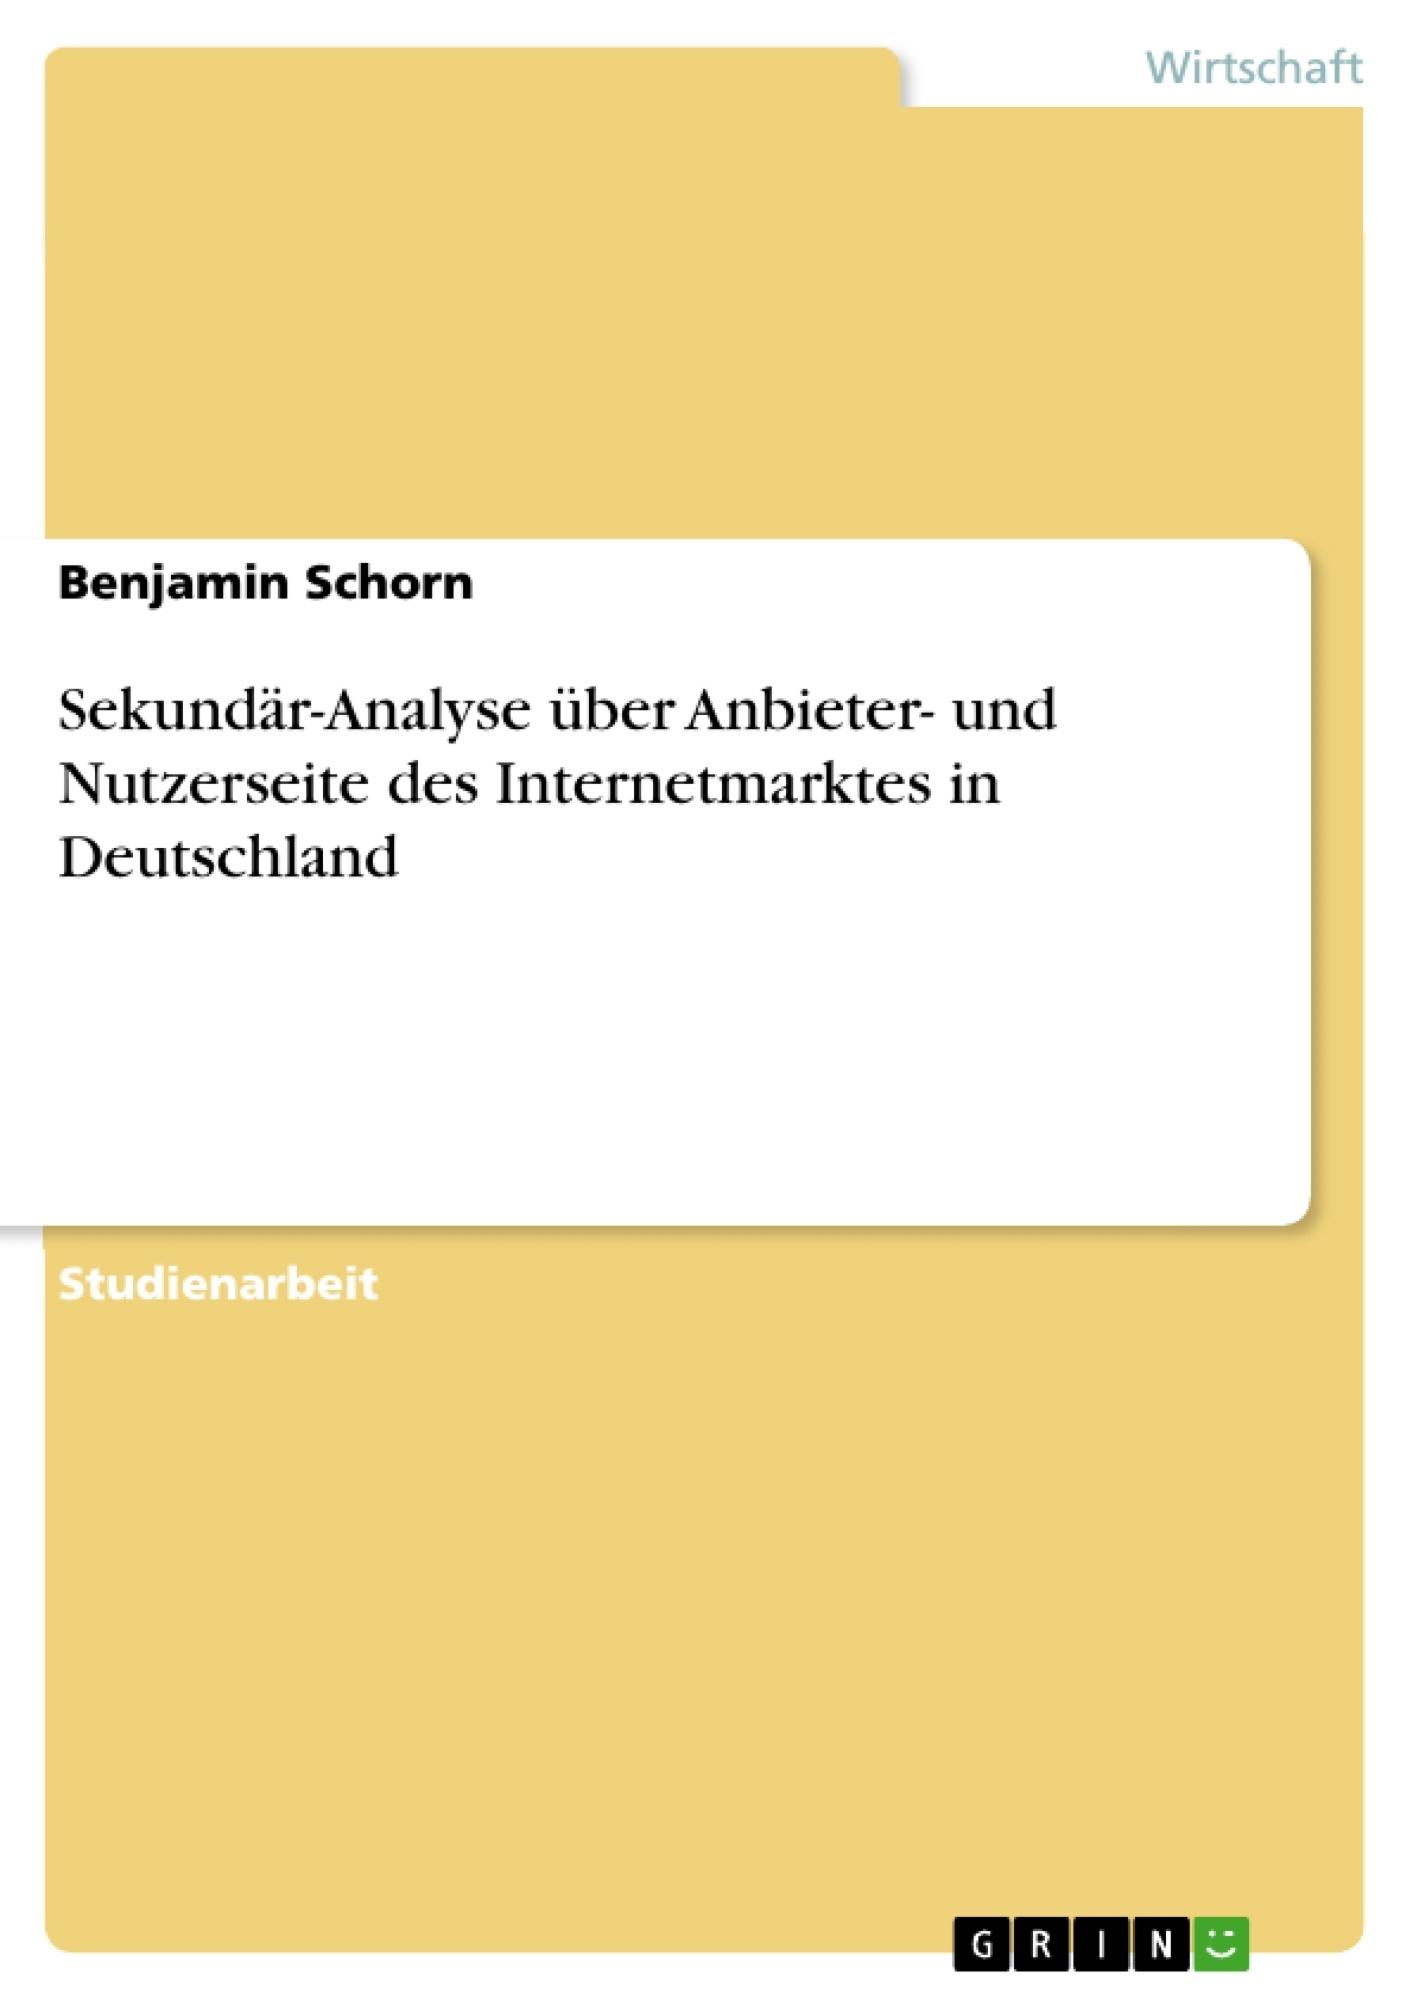 Titel: Sekundär-Analyse über Anbieter- und Nutzerseite des Internetmarktes in Deutschland